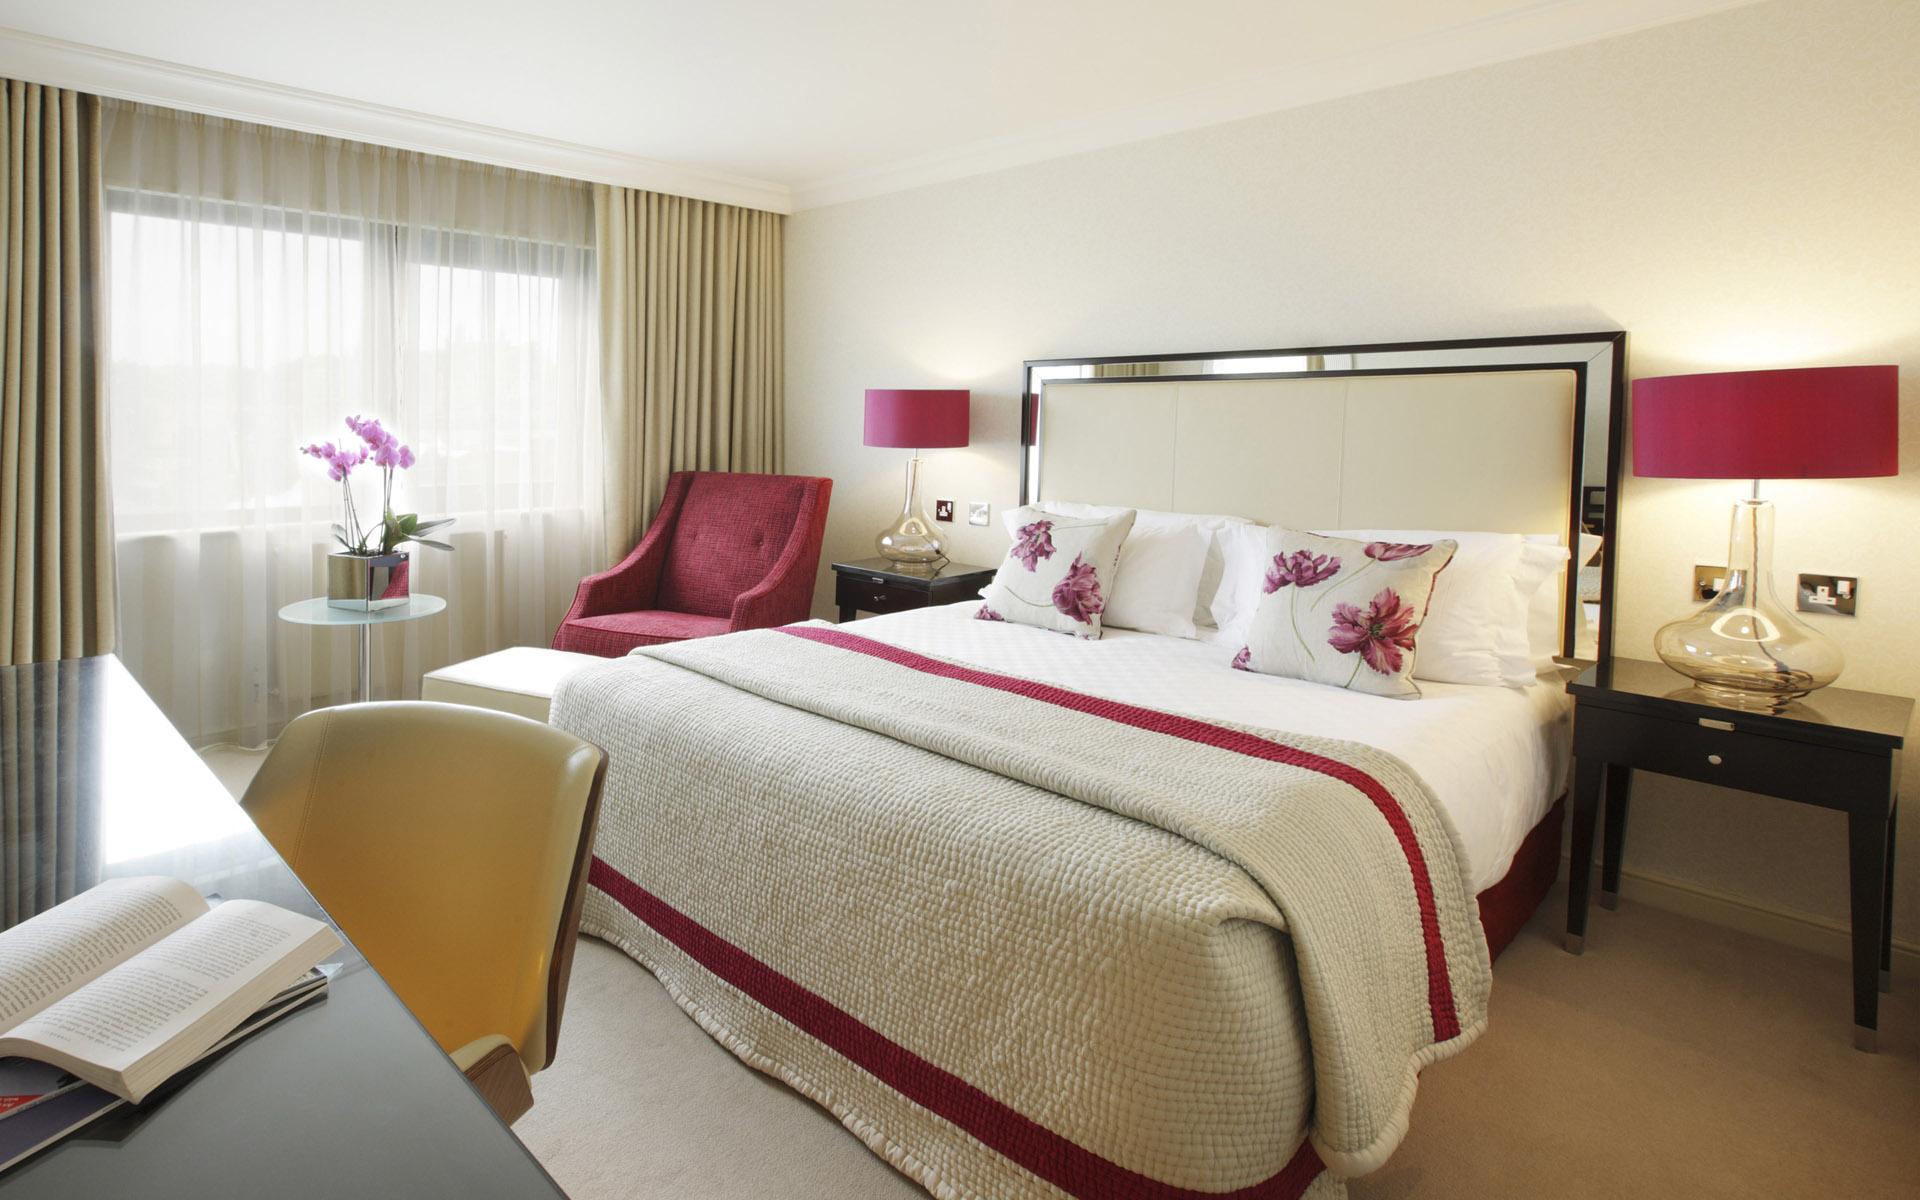 New Couple Bedroom Interior Design Wallpaper 1920x1200 ImageBankbiz 1920x1200